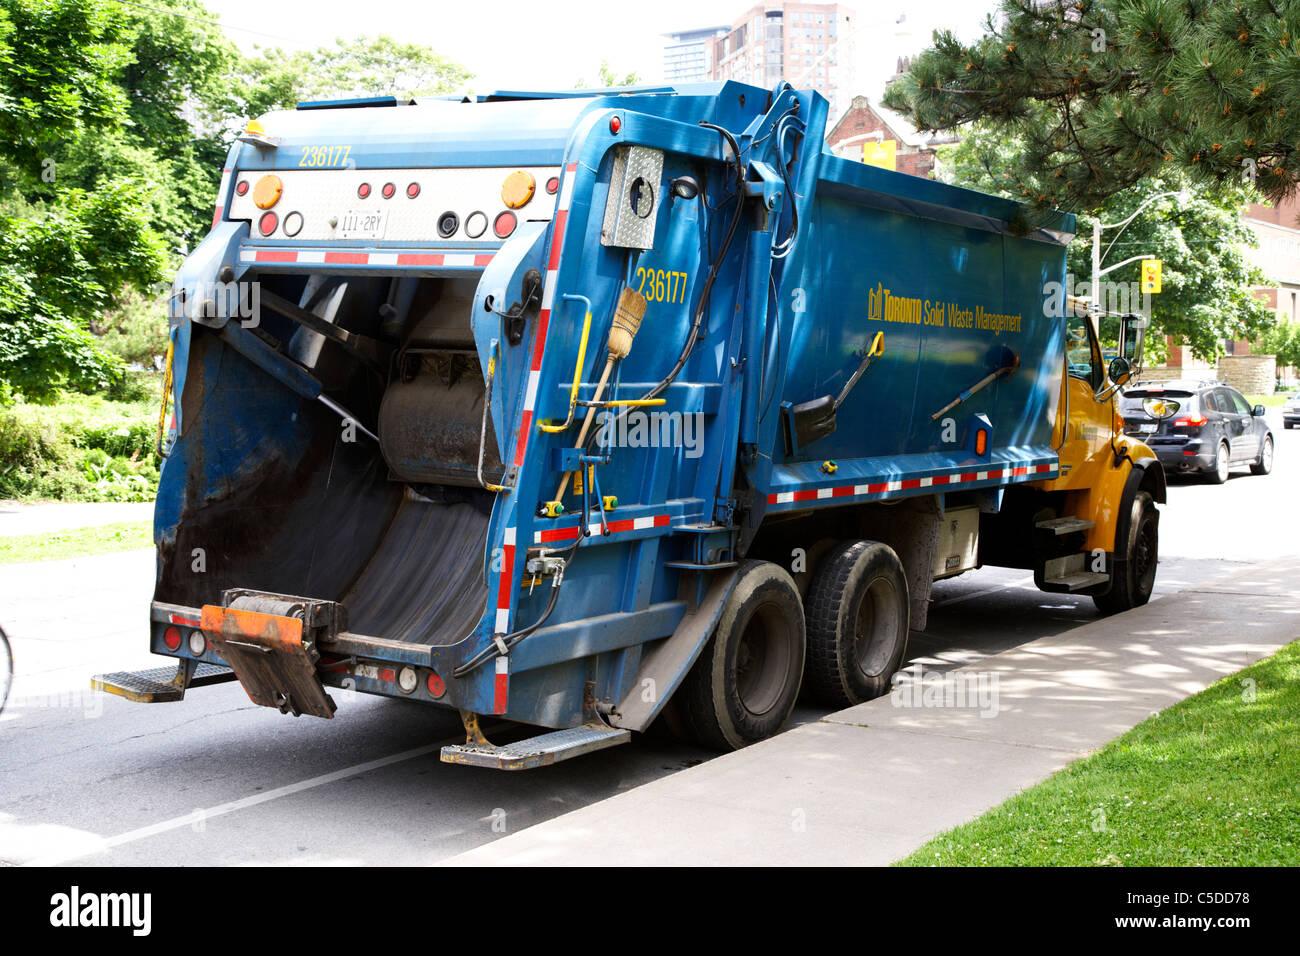 Città di Toronto alla gestione dei rifiuti solidi rifiutare immondizia camion ontario canada Immagini Stock